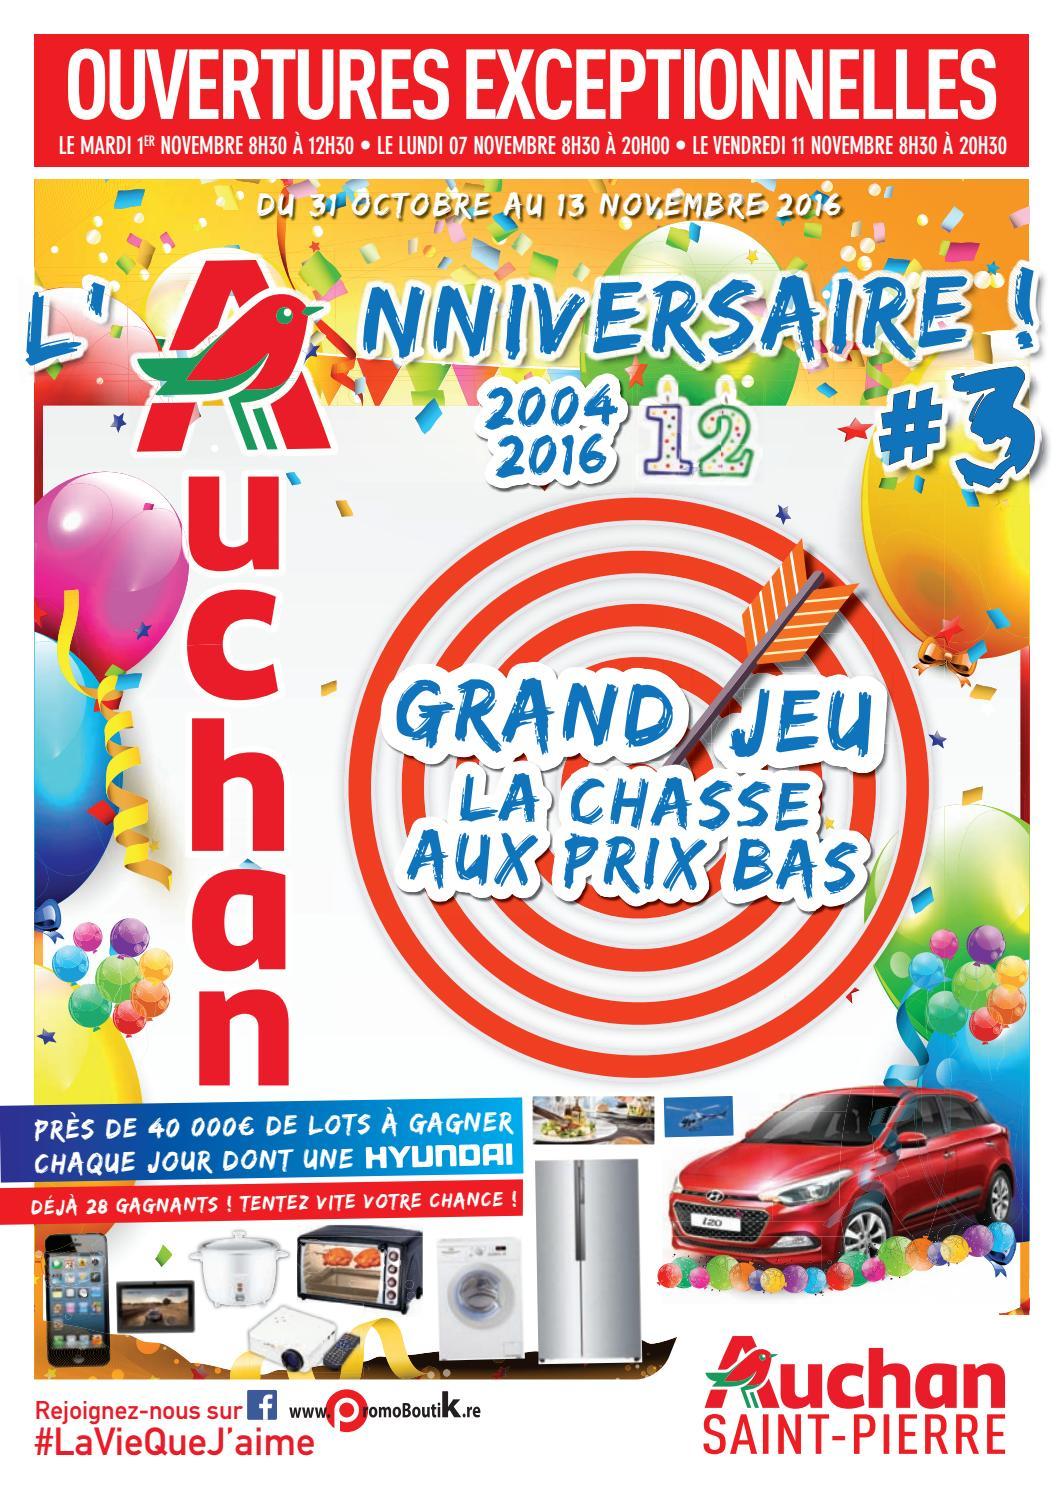 Catalogue Auchan Saint Pierre Du 31 Octobre Au 13 Novembre